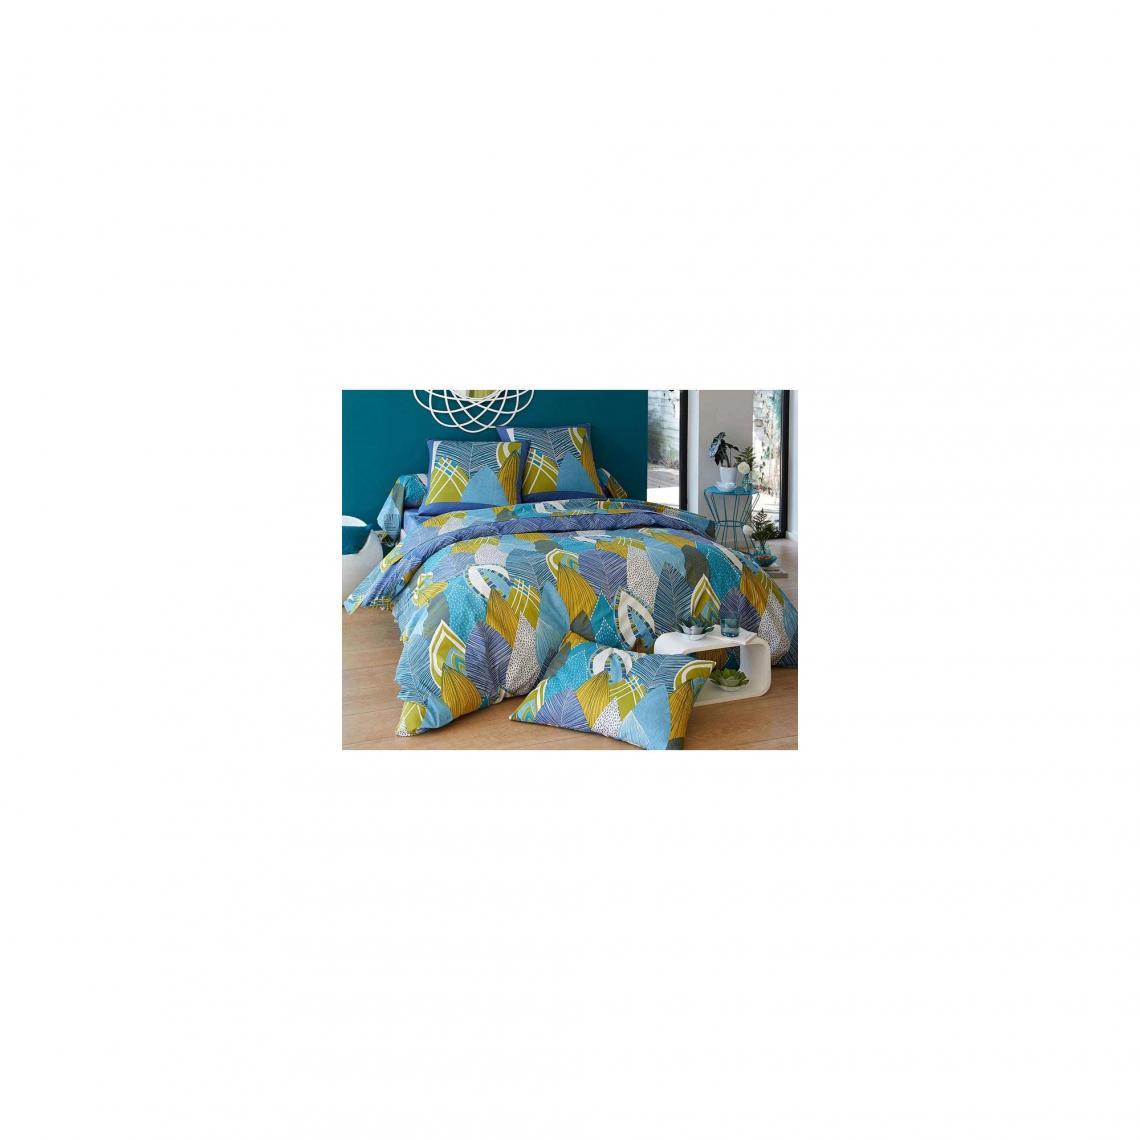 housse de couette feuilles tropicales coton becquet bleu 3 suisses. Black Bedroom Furniture Sets. Home Design Ideas